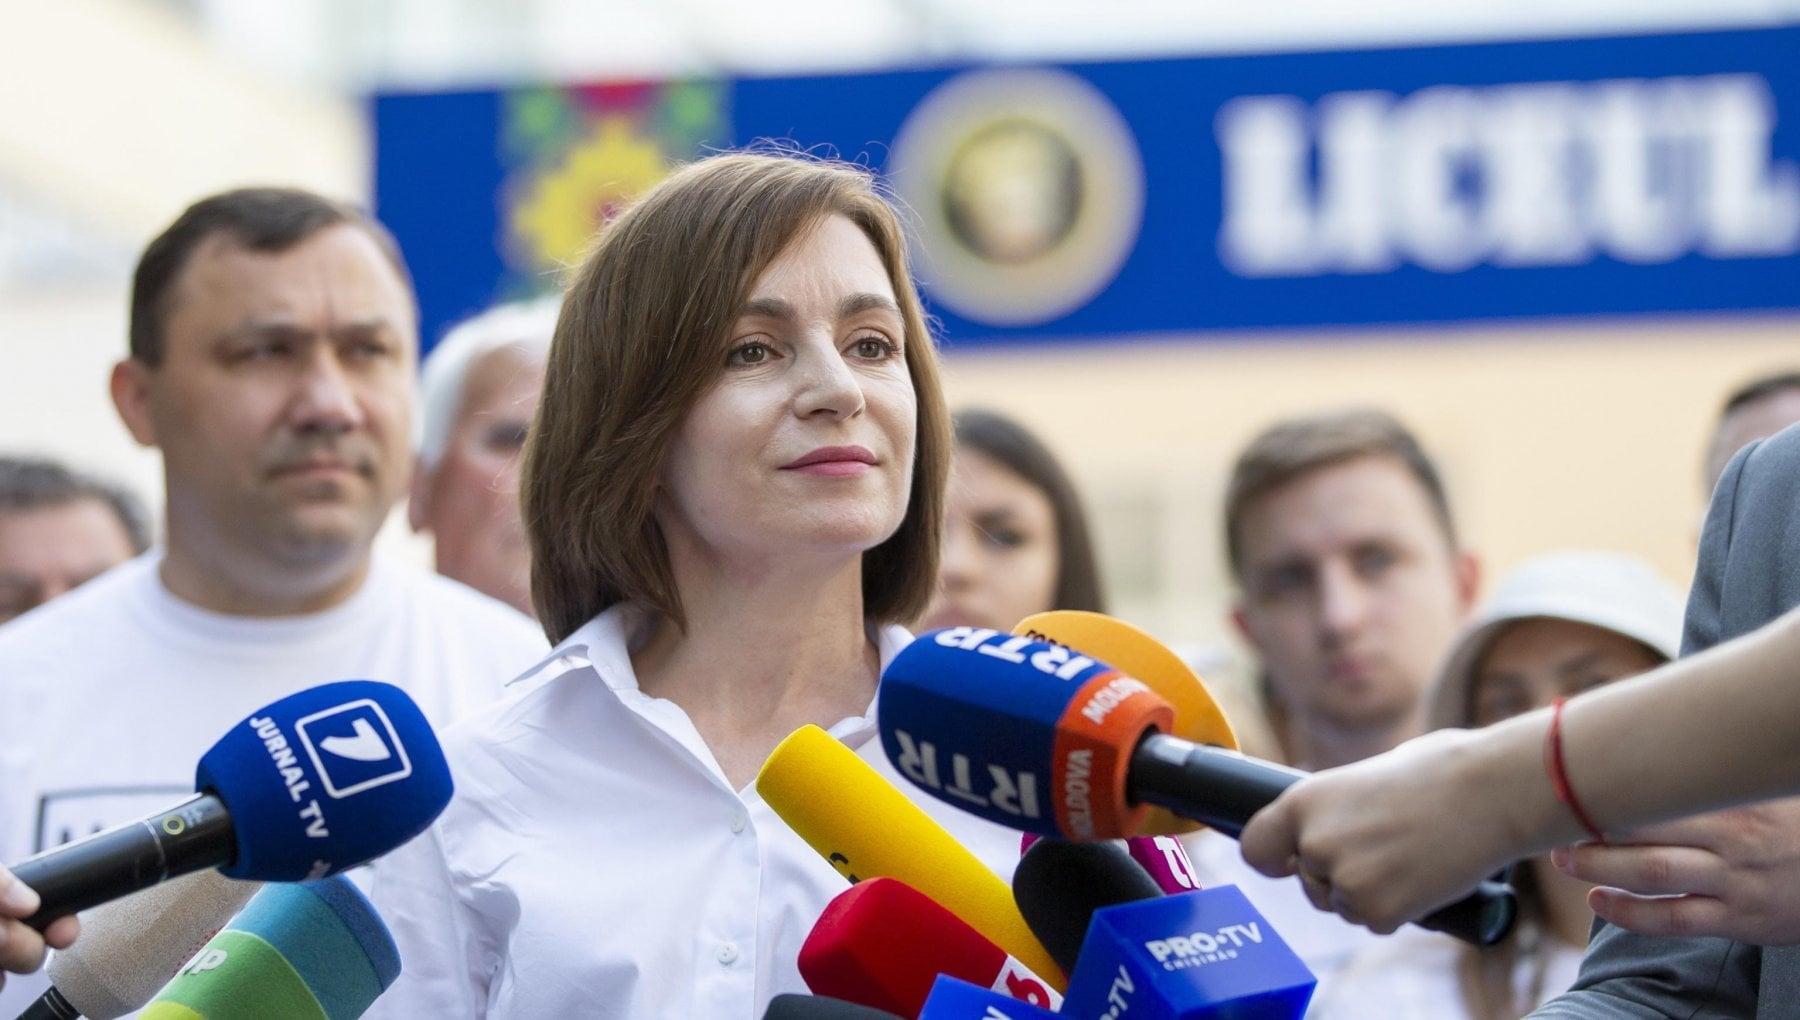 """165949178 a0d4a3b3 389f 44f2 8acd a3c4cf38b617 - Elezioni in Moldova, vittoria del partito europeista di Maia Sandu: """"Sarà la fine del regno dei ladri"""""""